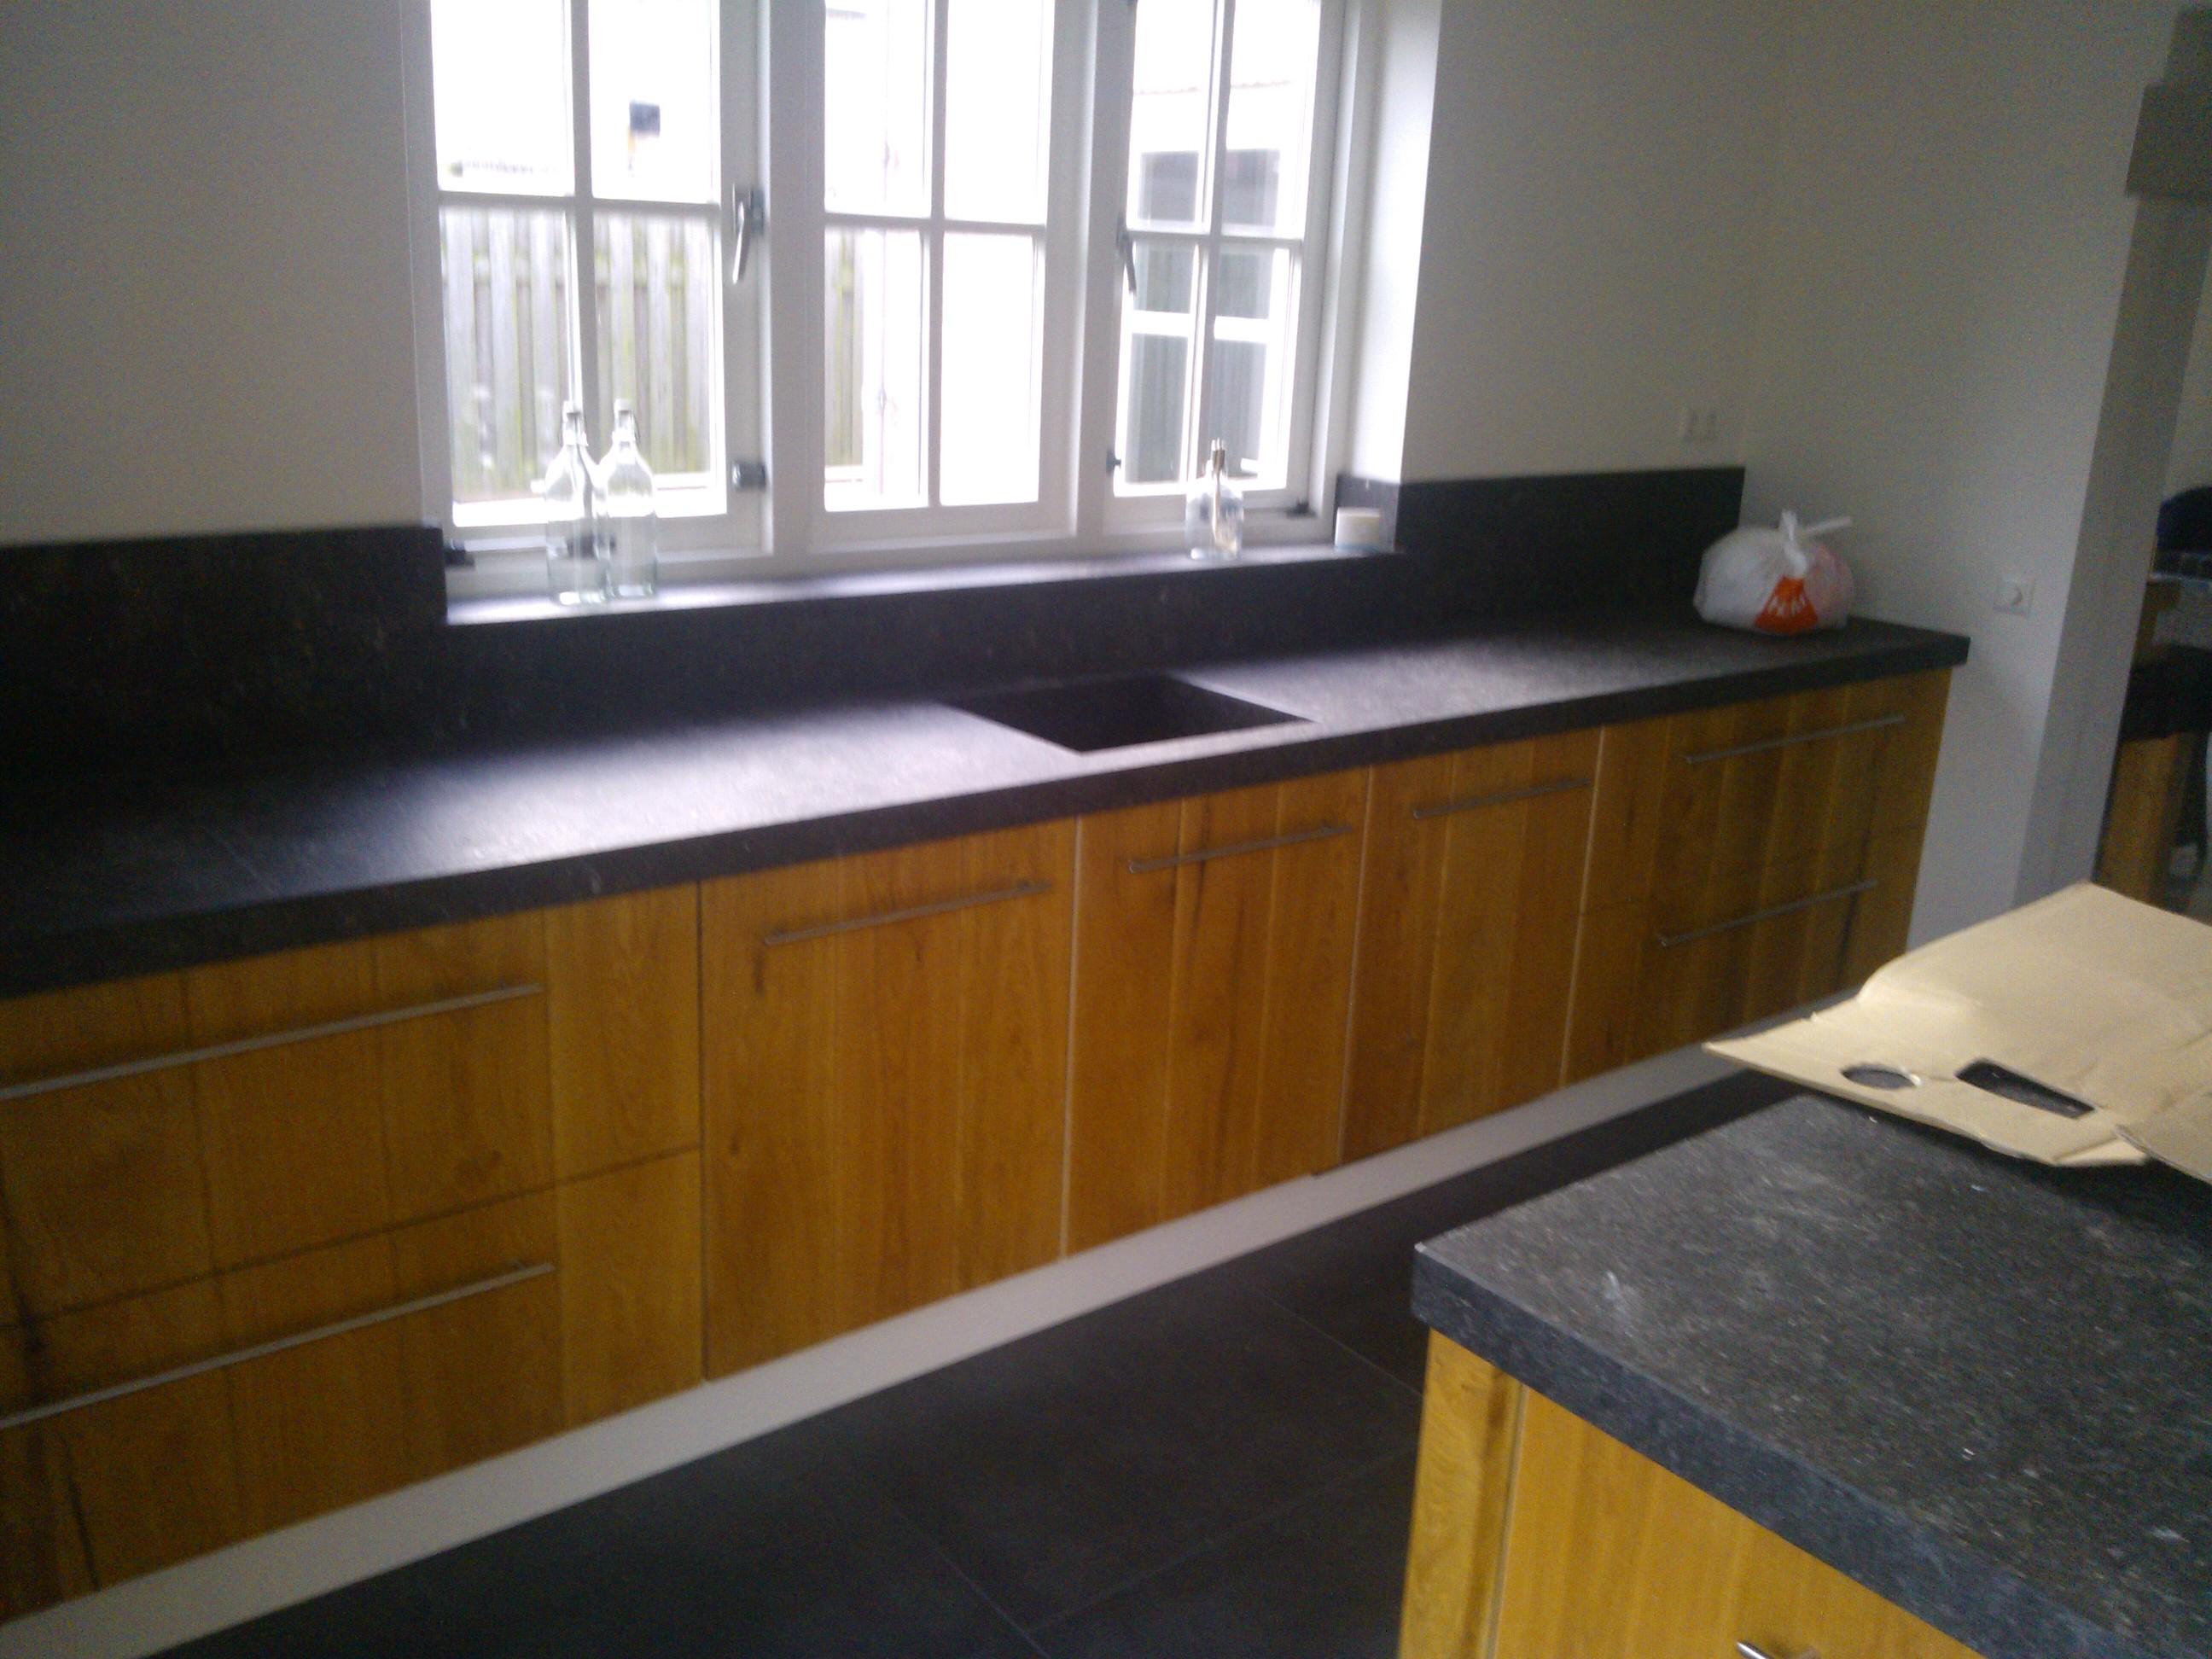 U zoekt een meubel op maat? Ga naar Jan Alink - Meubel & Interieurbouw